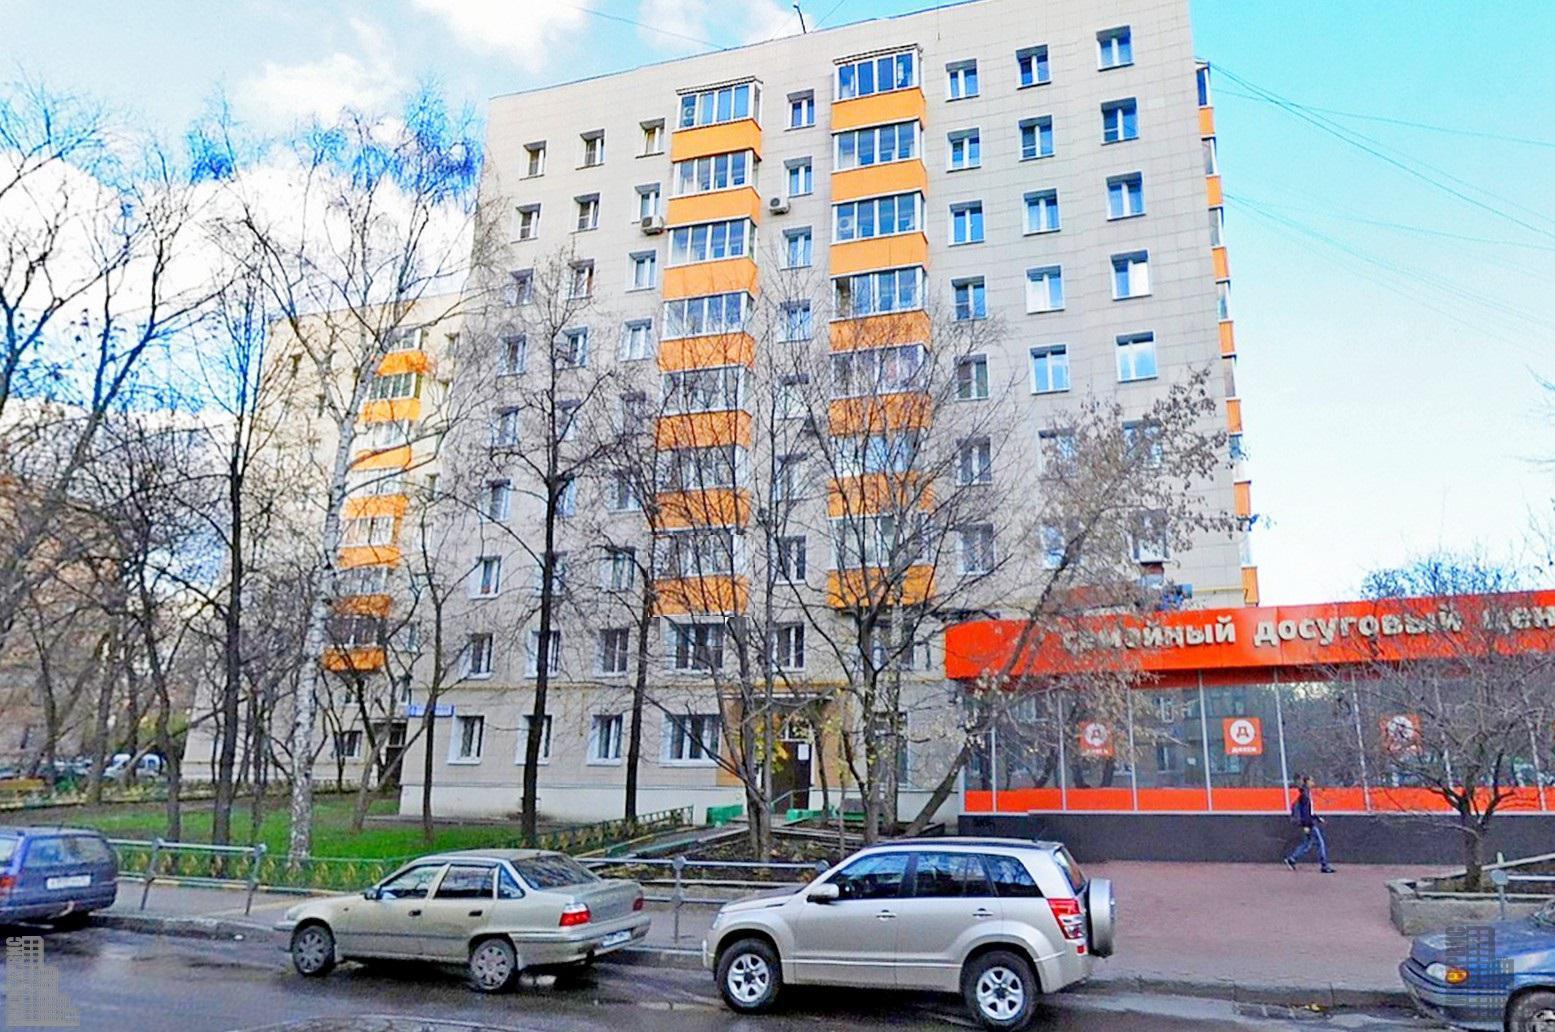 Беговая улица дом 3 строение 1 адреса москвы